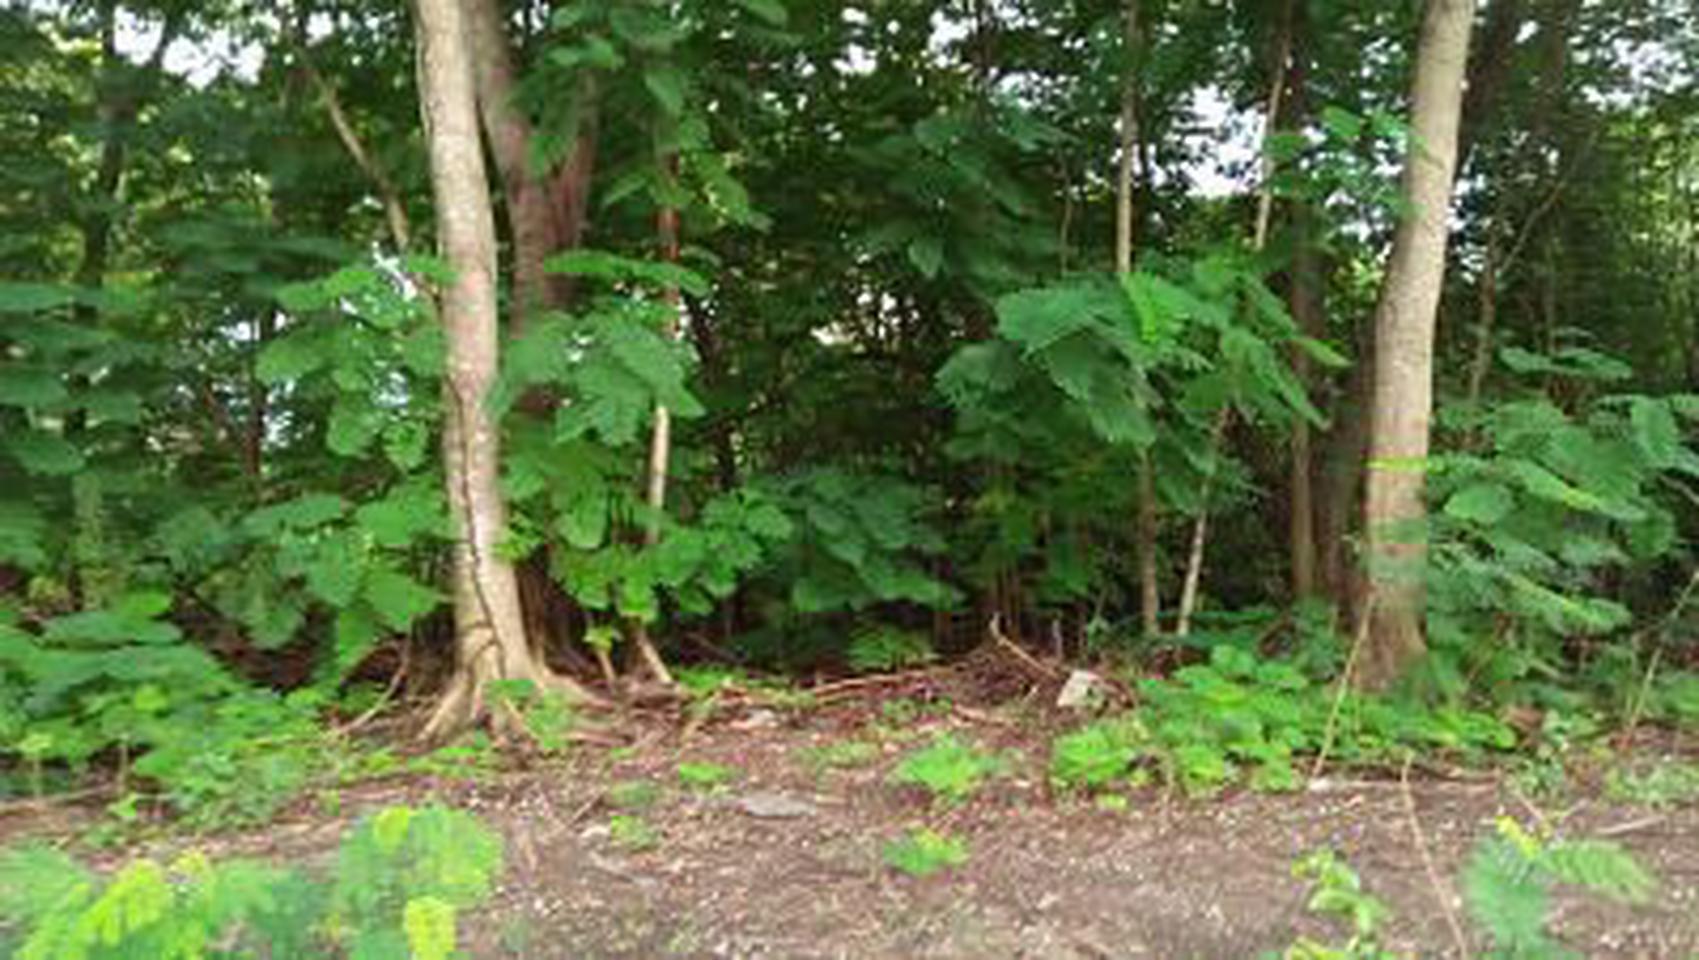 ขายที่ดิน1-2 ไร่ ภายในโครงการ รอยัล กอล์ฟ คันทรี คลับ อ่อนนุ รูปที่ 4